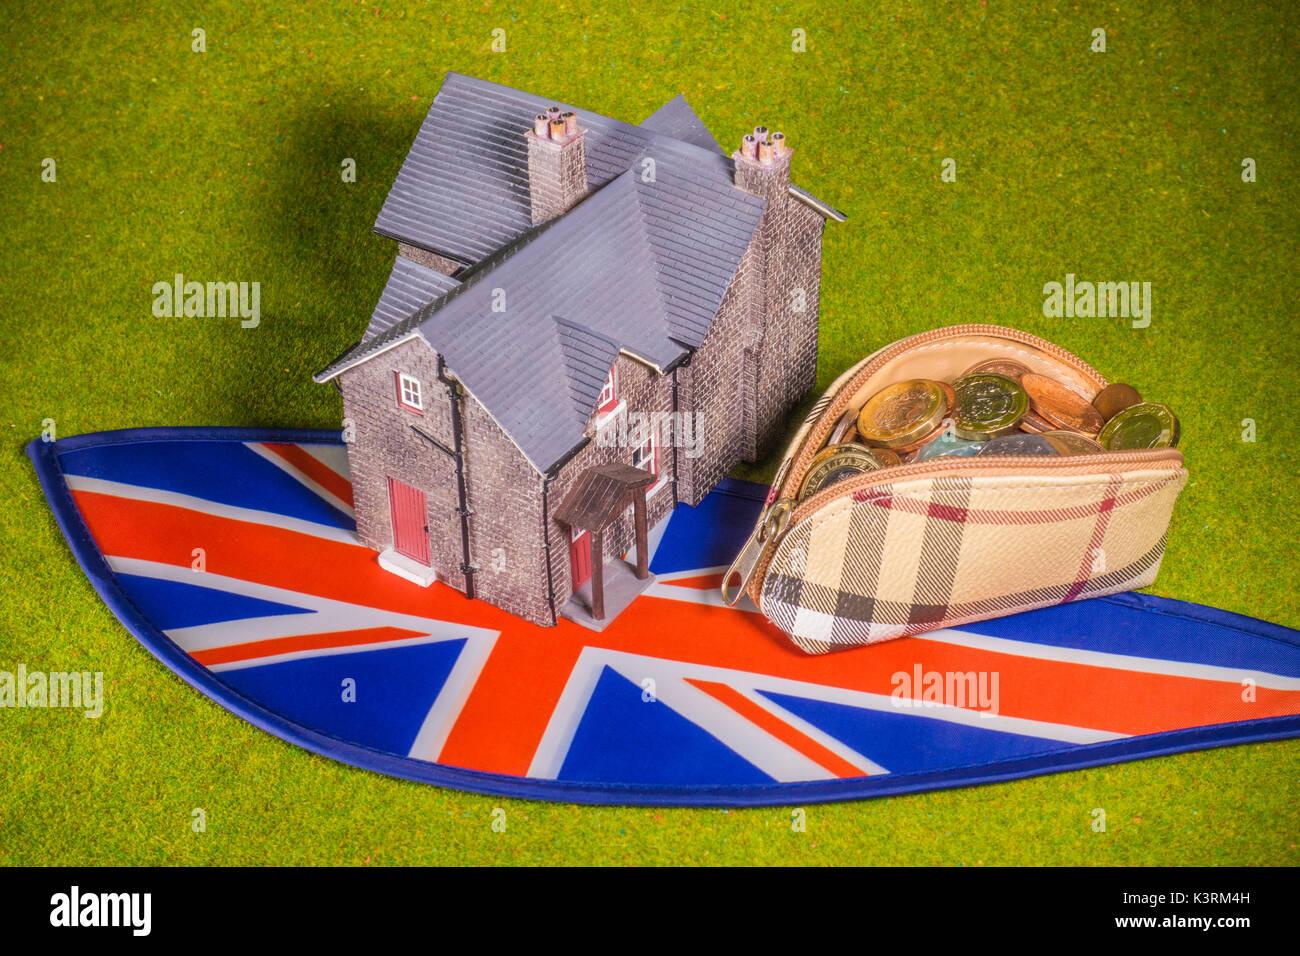 Modello di casa, portamonete con sterling monete (con nuovo £ 1) e Union Jack, per raffigurare costa come un regno unito aumento dei tassi, home comprare, affittare, spostamento, ecc. Immagini Stock